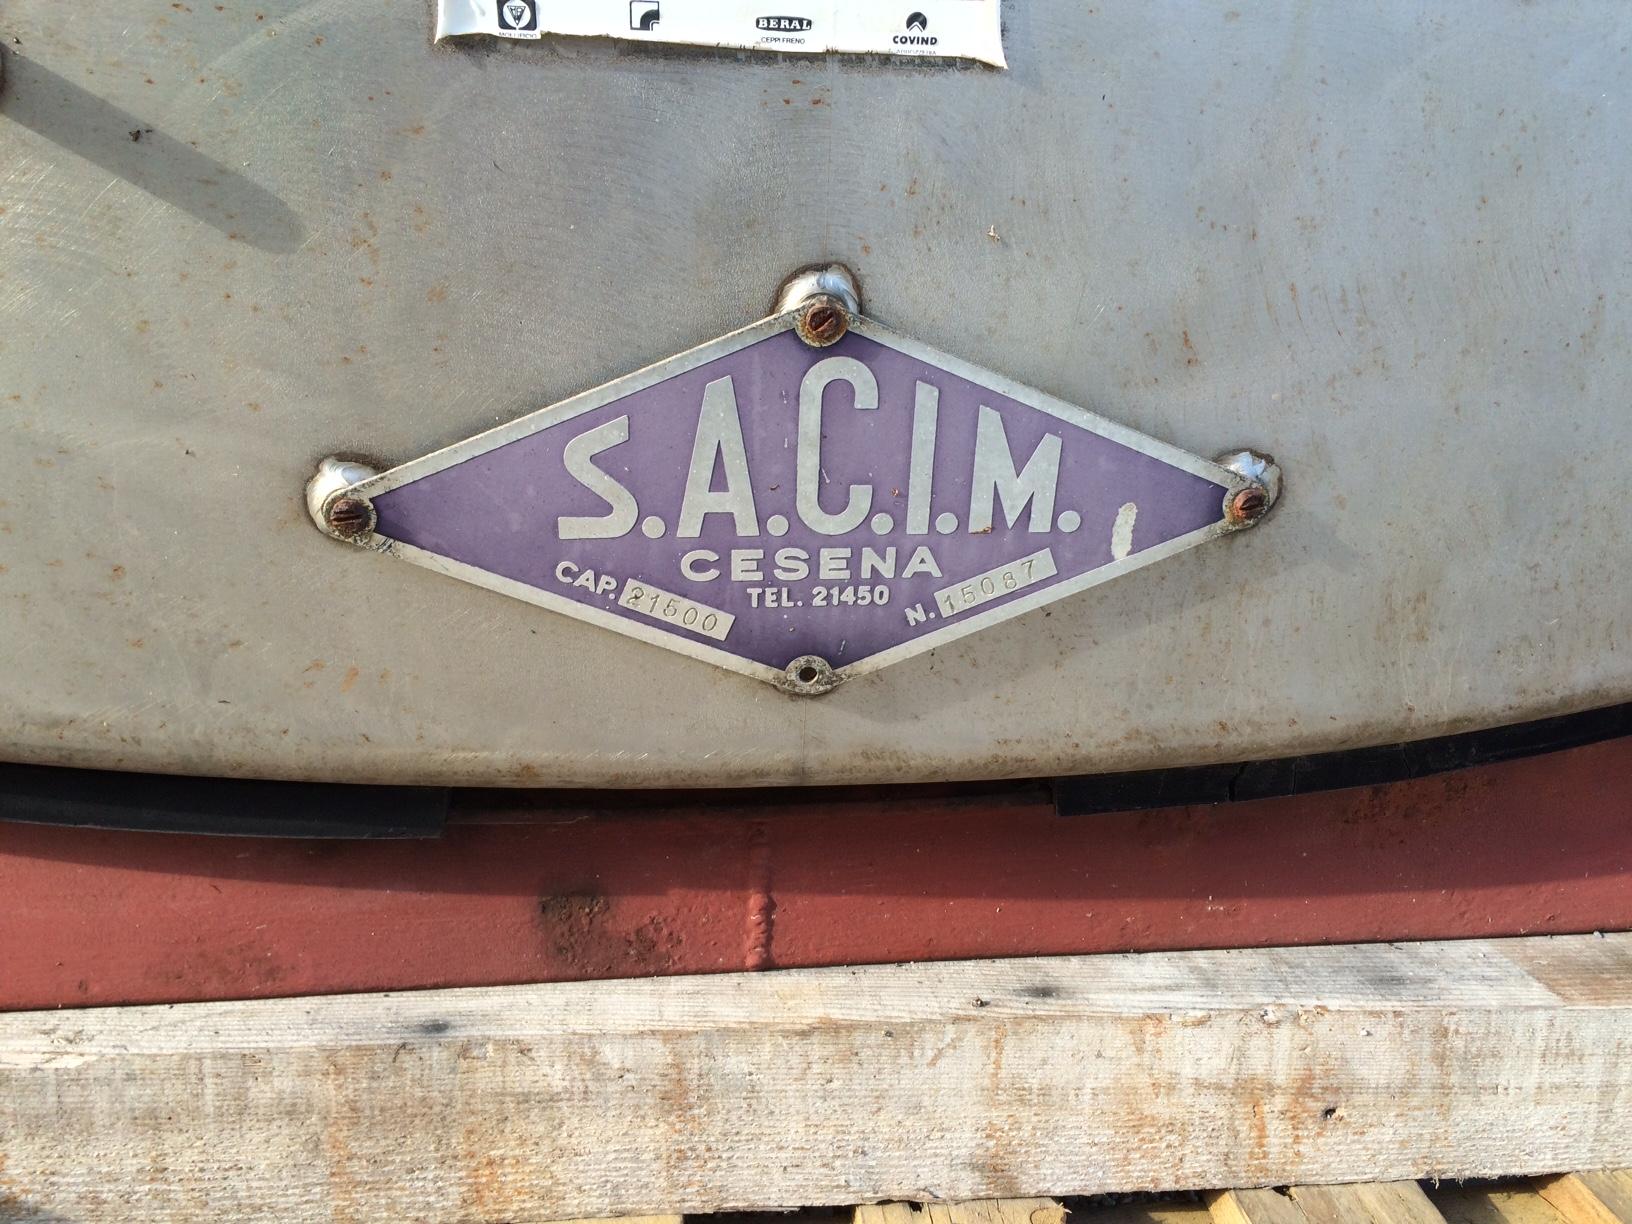 CISTERNA-SACIM-extra-big-175-442